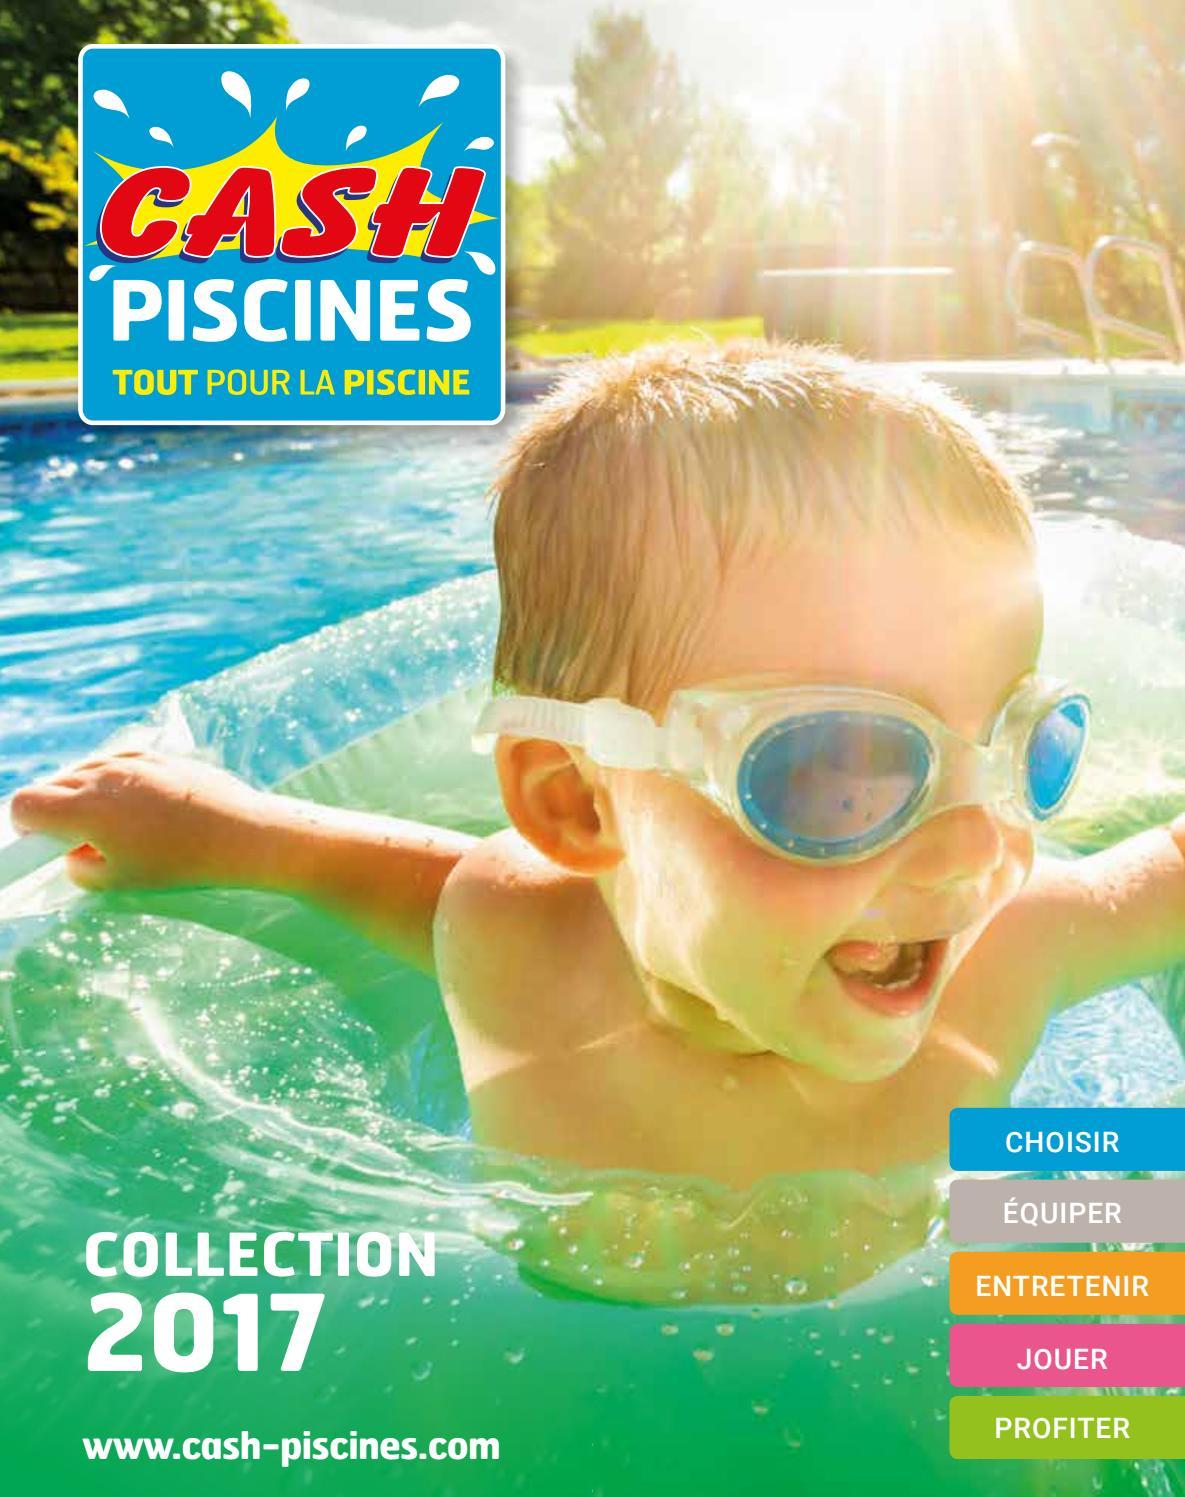 Catalogue Cash Piscine 2017 By Octave Octave - Issuu destiné Cash Piscine Sollies Pont